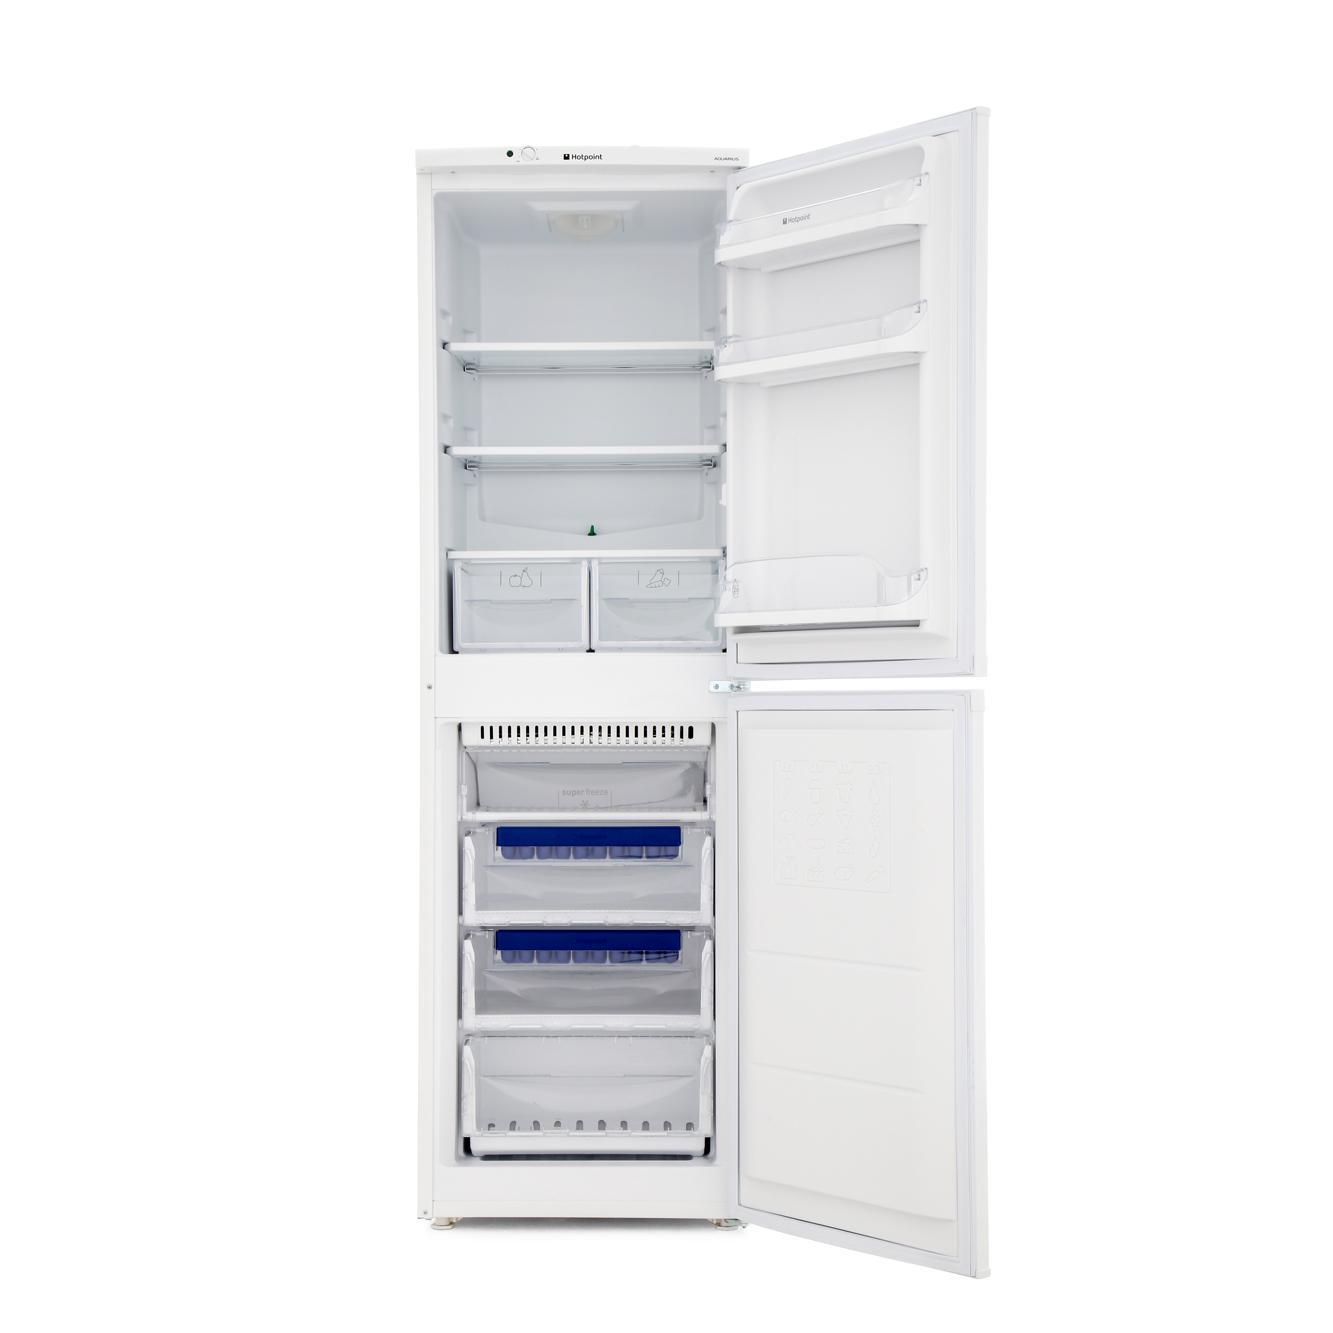 Hotpoint Fridge Freezer Hbnf5517w Frost Free